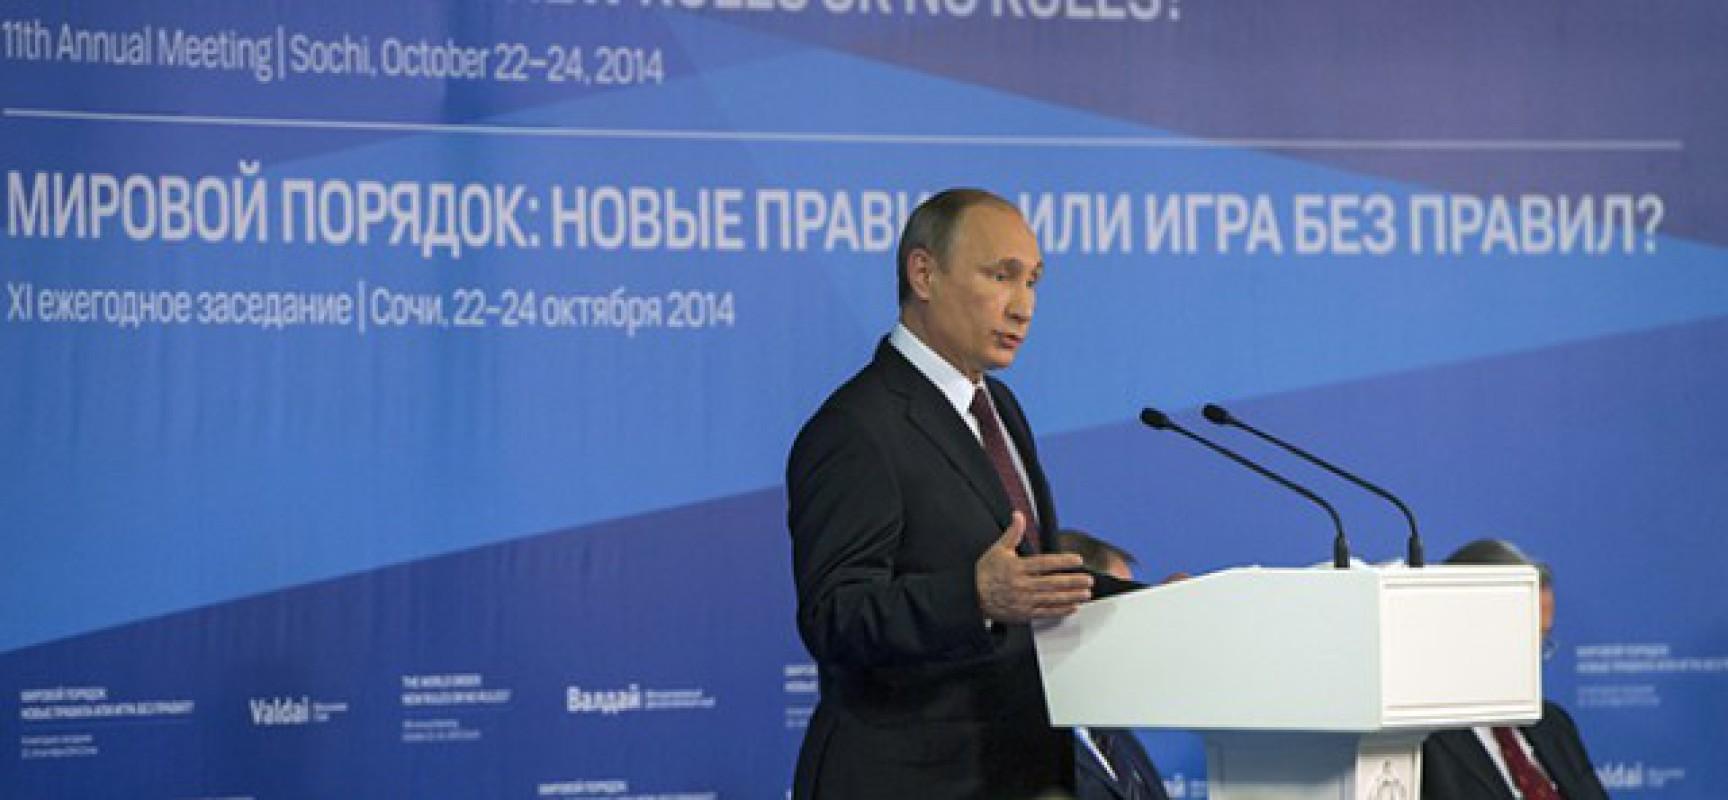 Le nouvel ordre mondial de Poutine